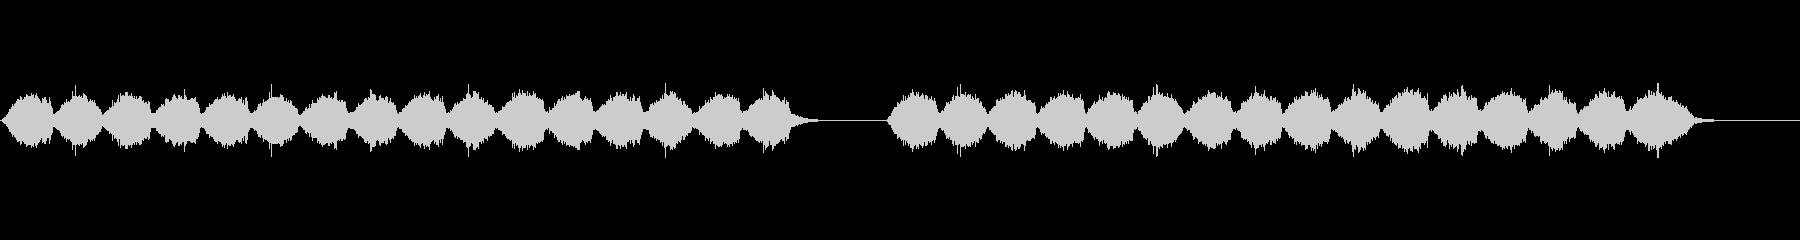 繊細なピアノ、ストリングス、シンセ...の未再生の波形